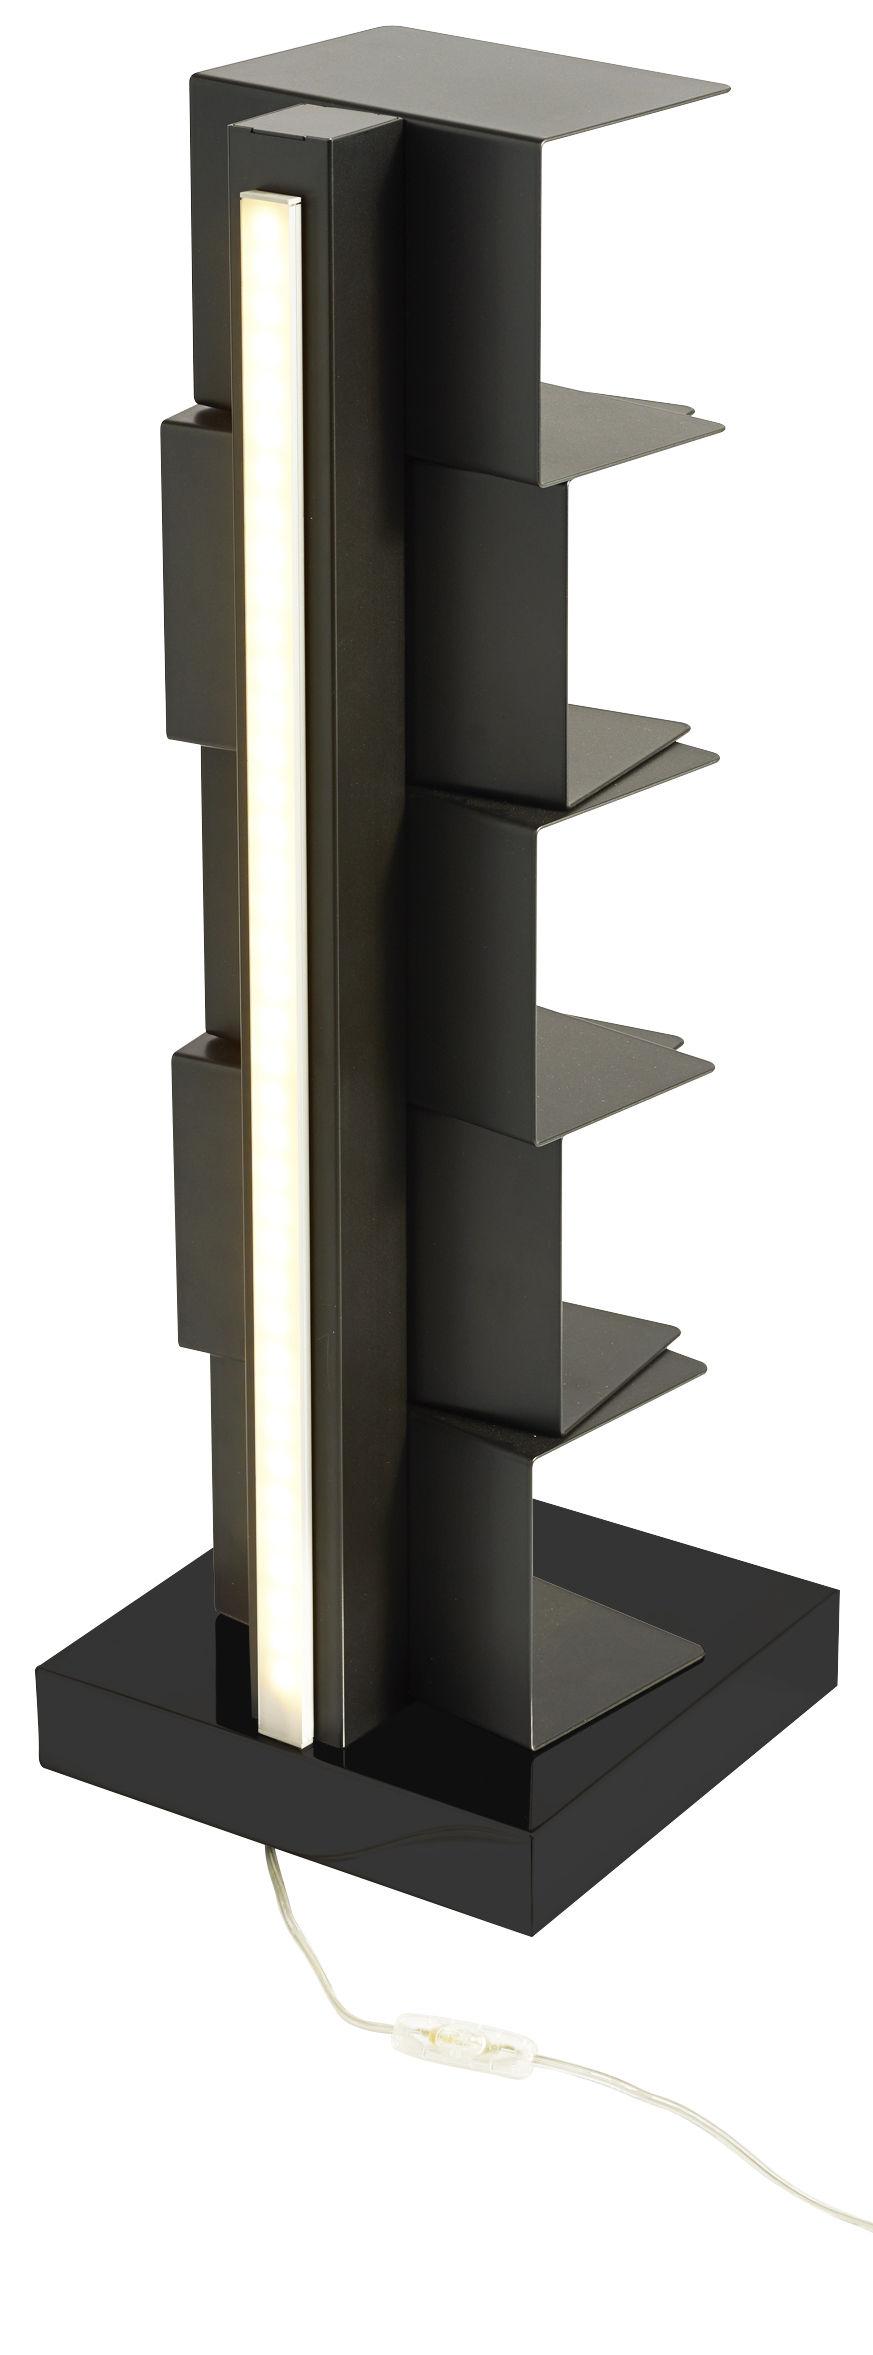 Mobilier - Etagères & bibliothèques - Bibliothèque lumineuse Ptolomeo Luce / LED - H 72 cm - Opinion Ciatti - Noir - Acier laqué